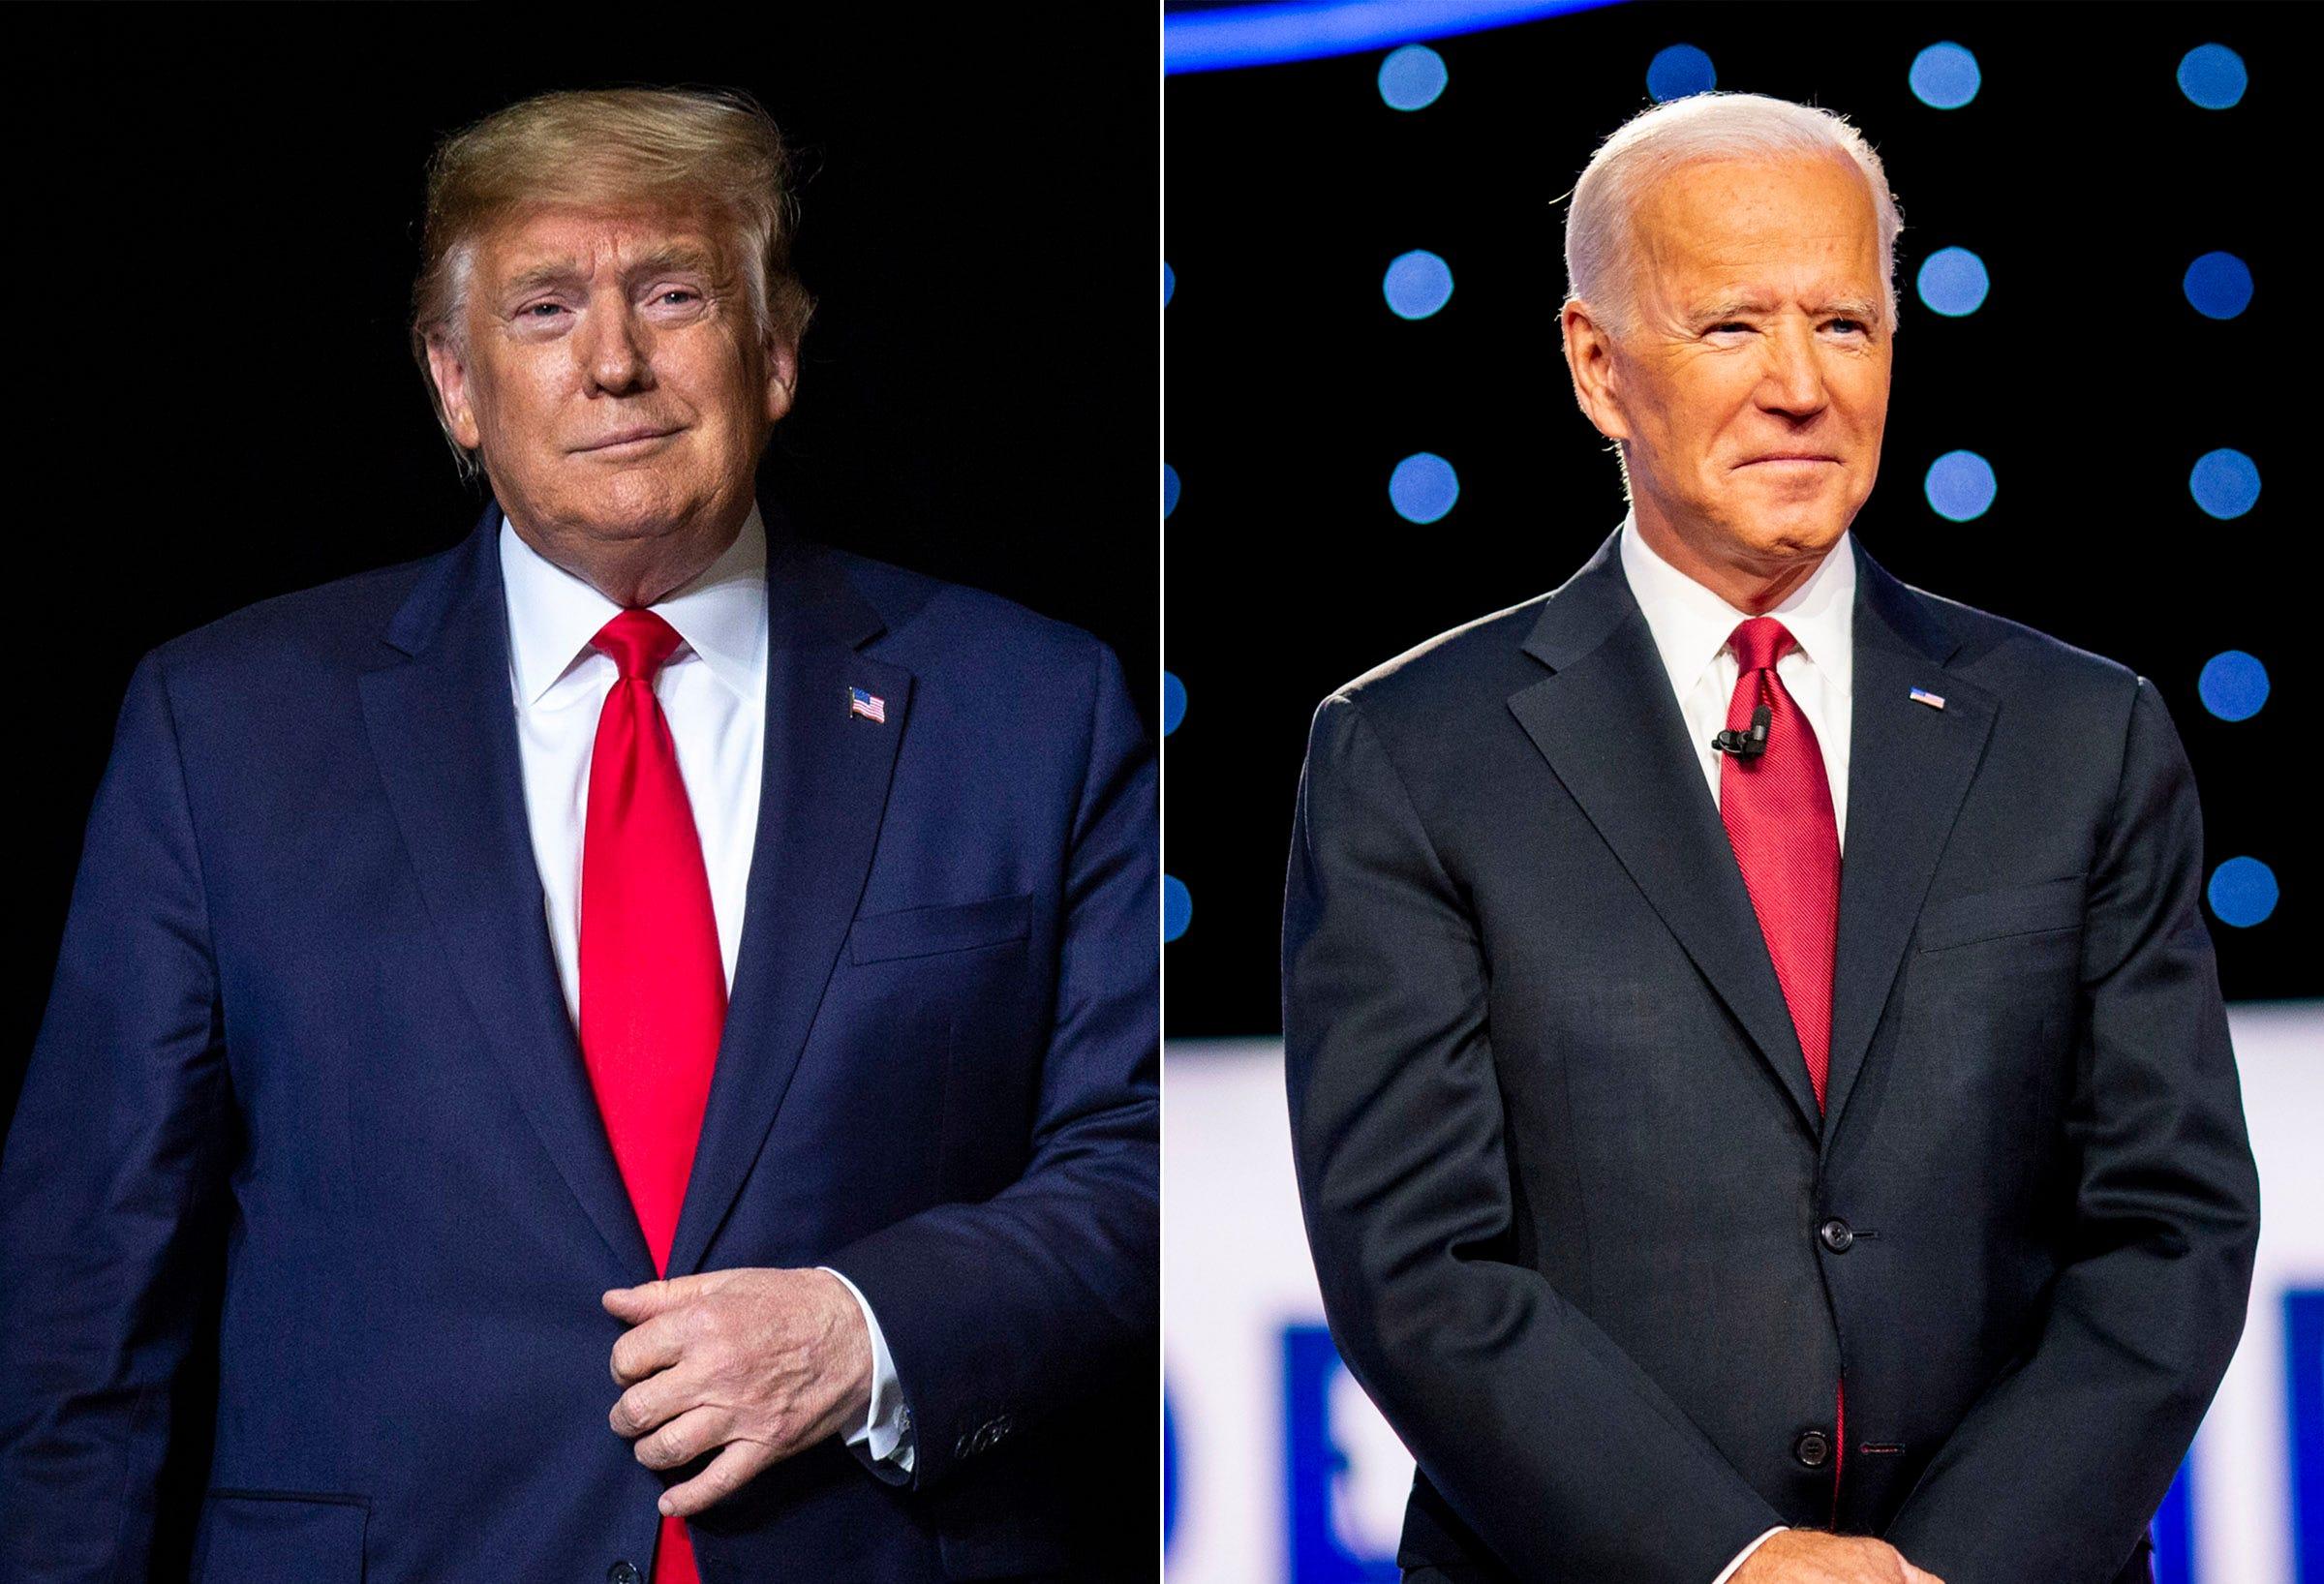 EUA/Eleições. Biden seria melhor Presidente que Trump em caso de guerra, indica sondagem – Executive Digest